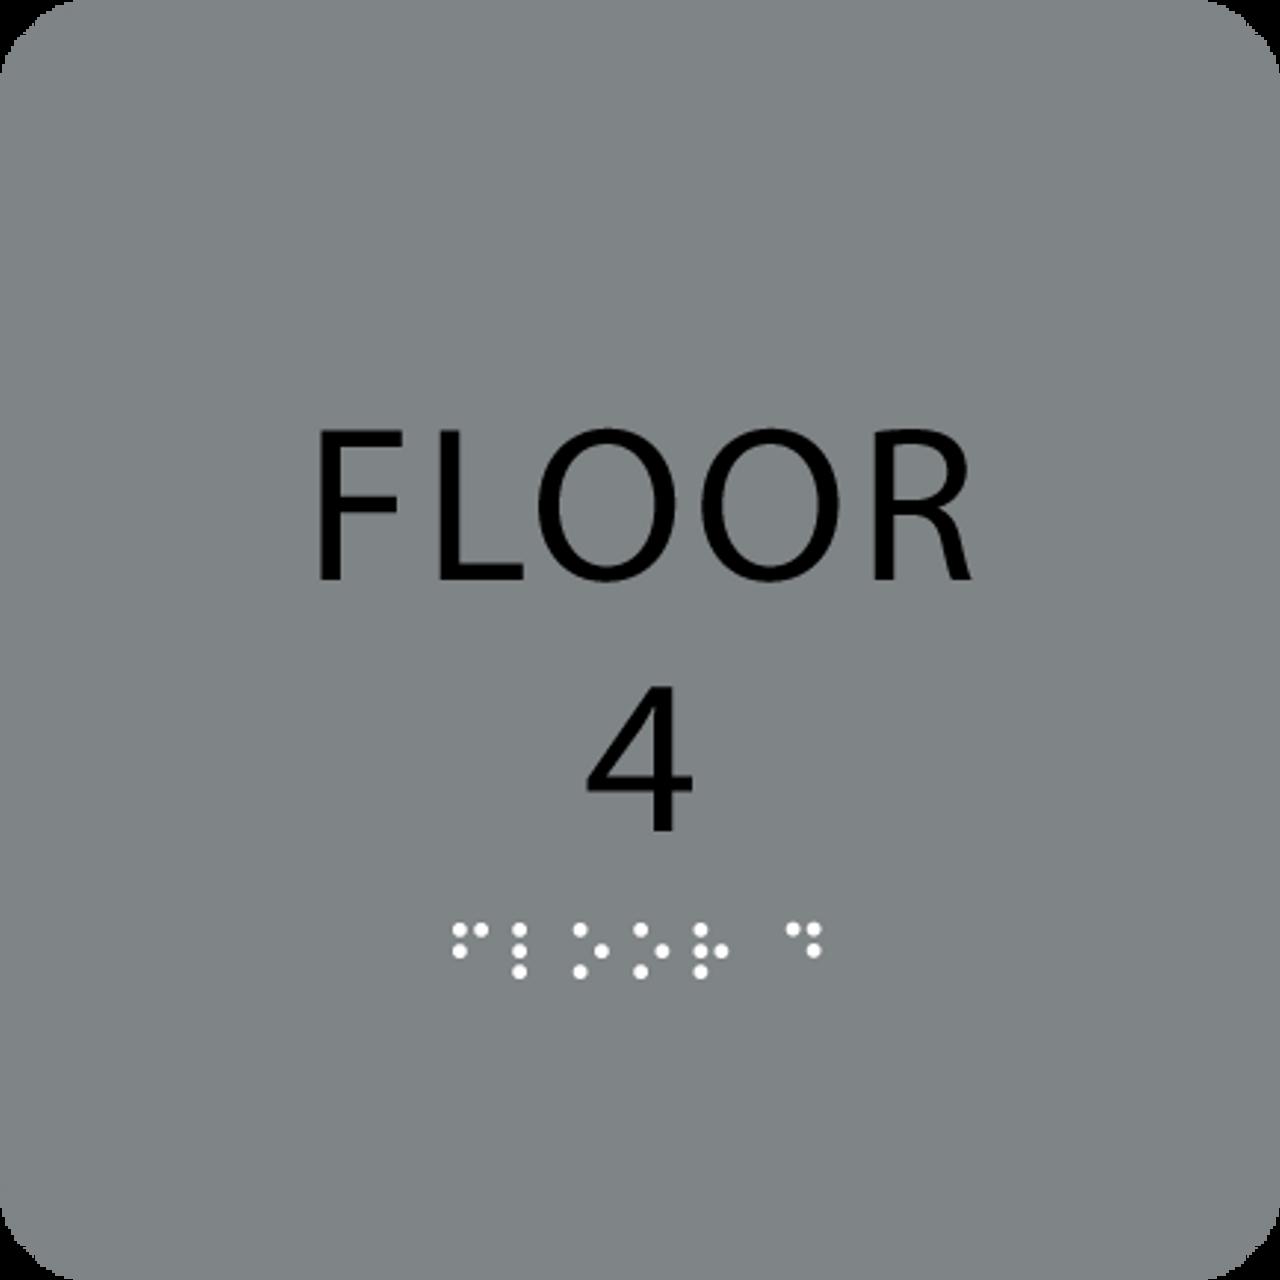 Grey Floor 4 Number Sign